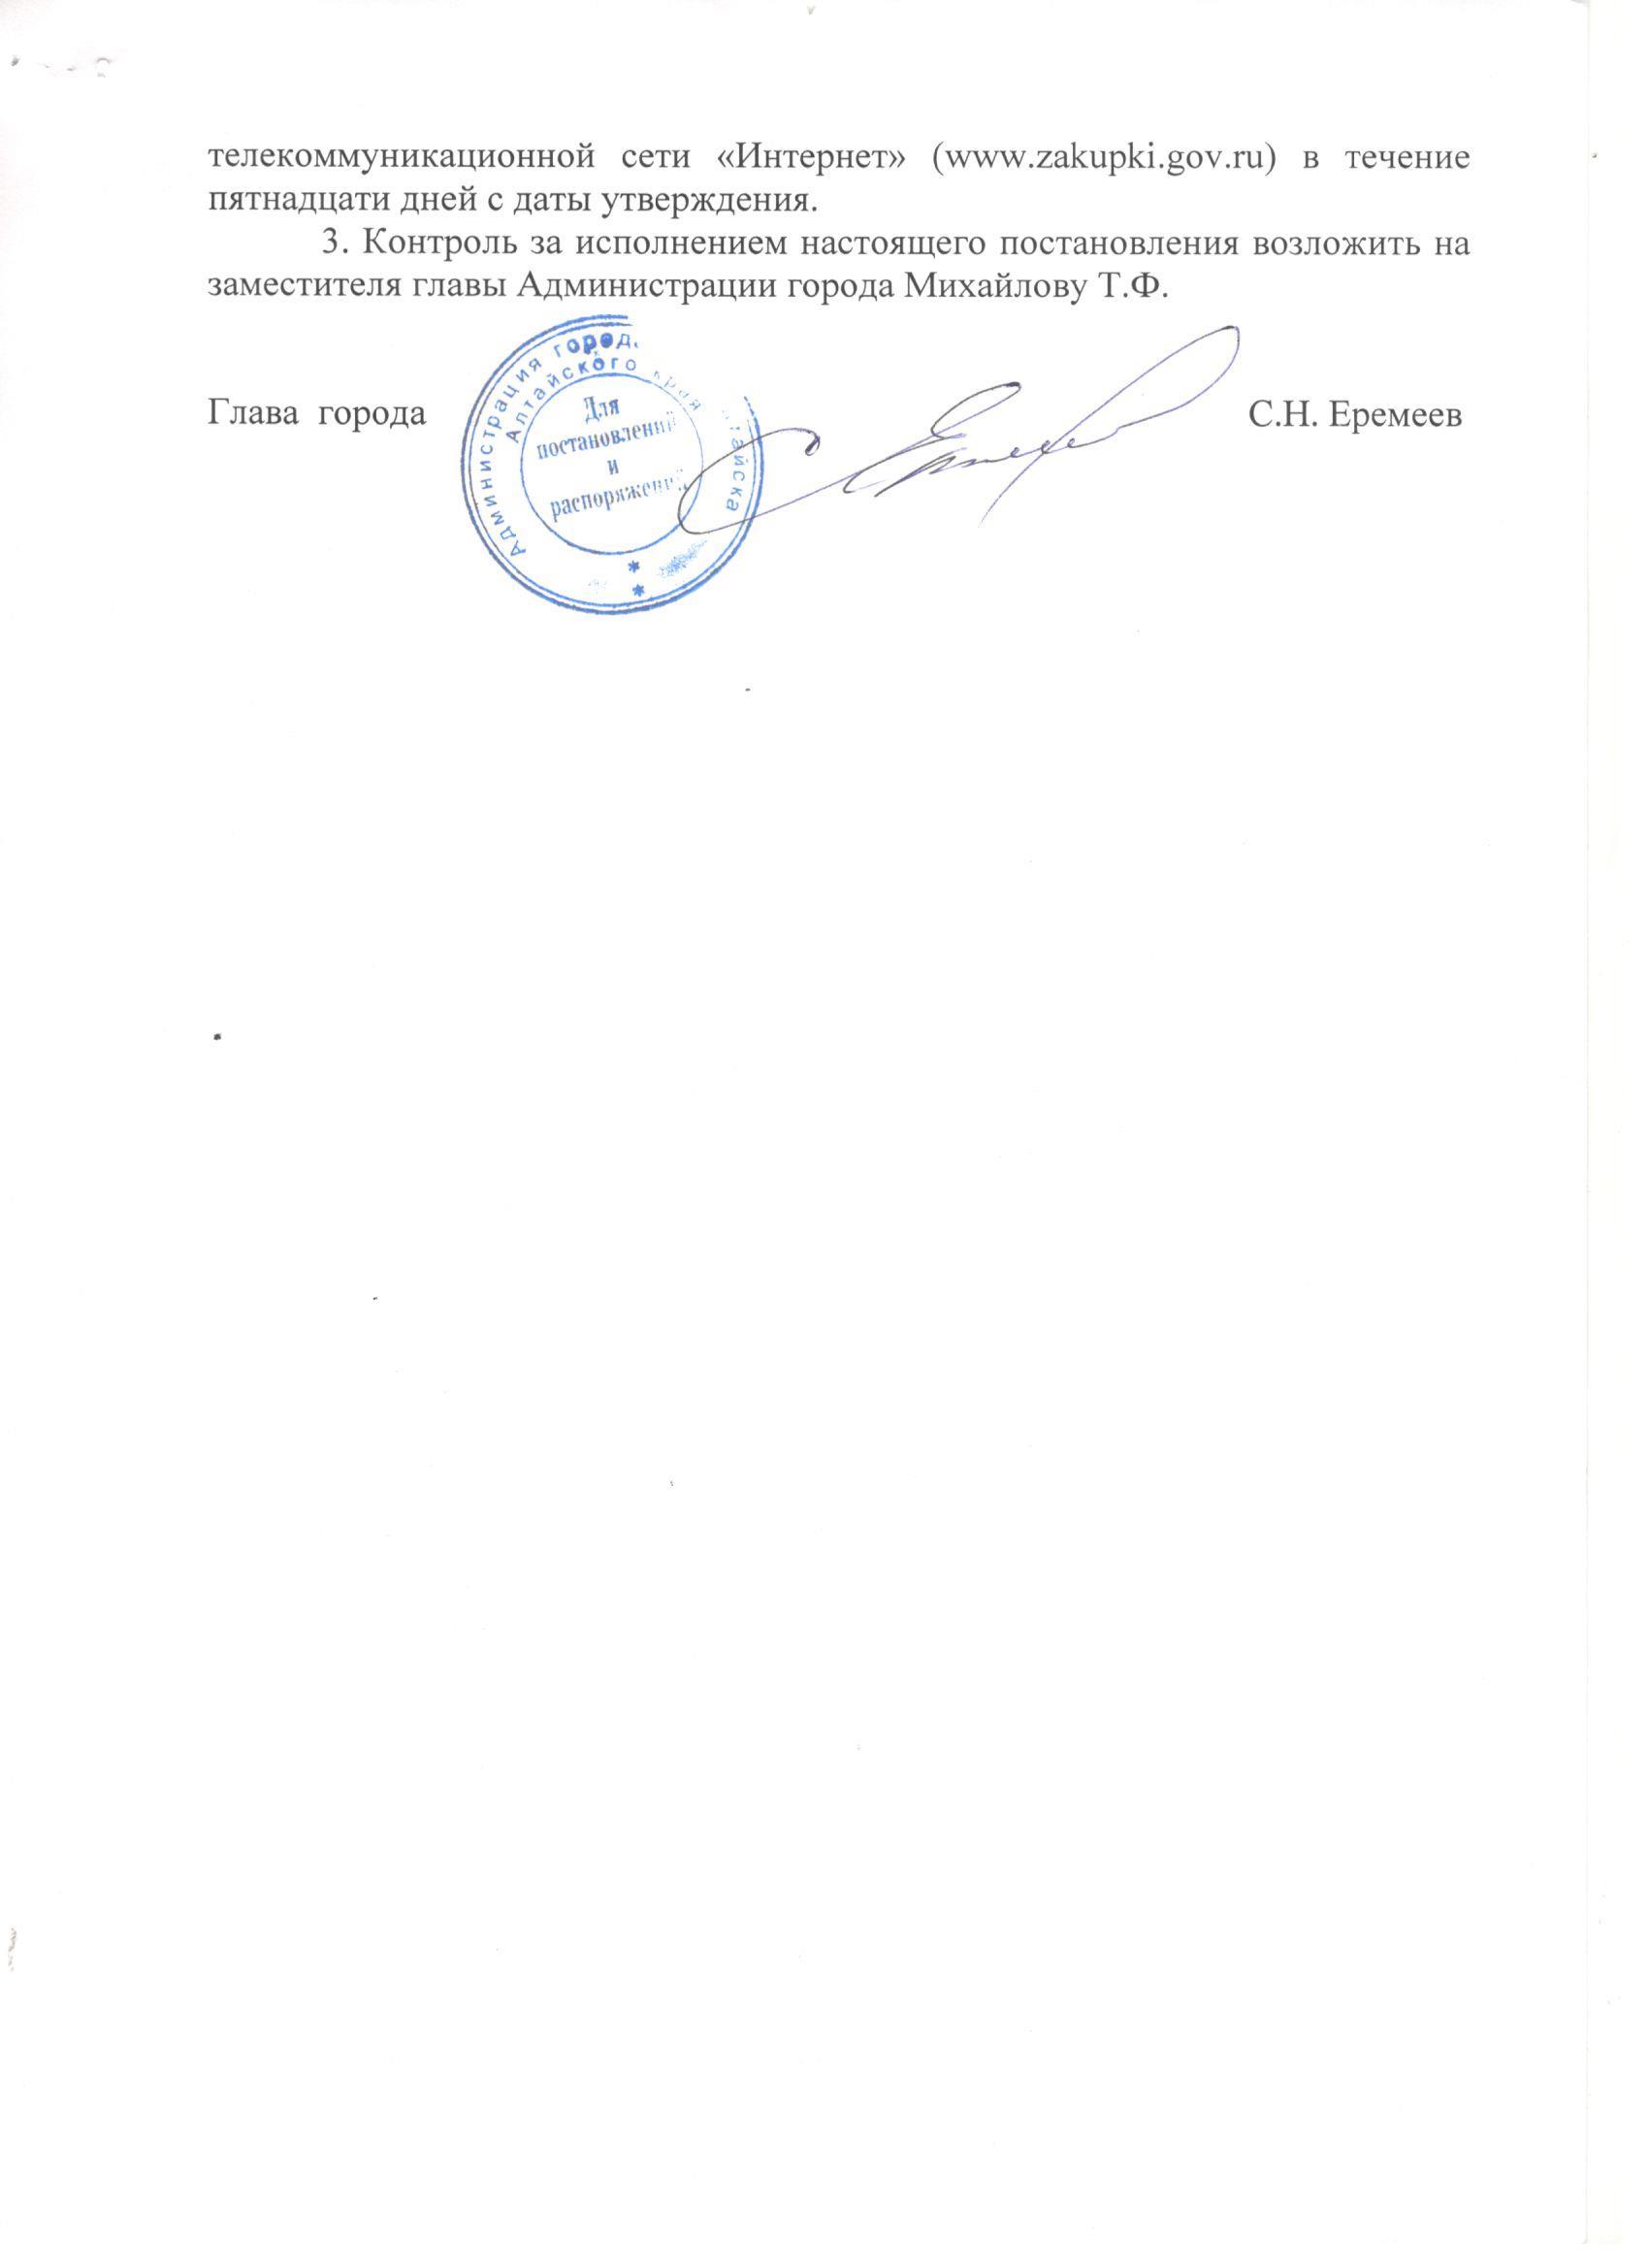 2 Постановление от 29.08.19 г.1478